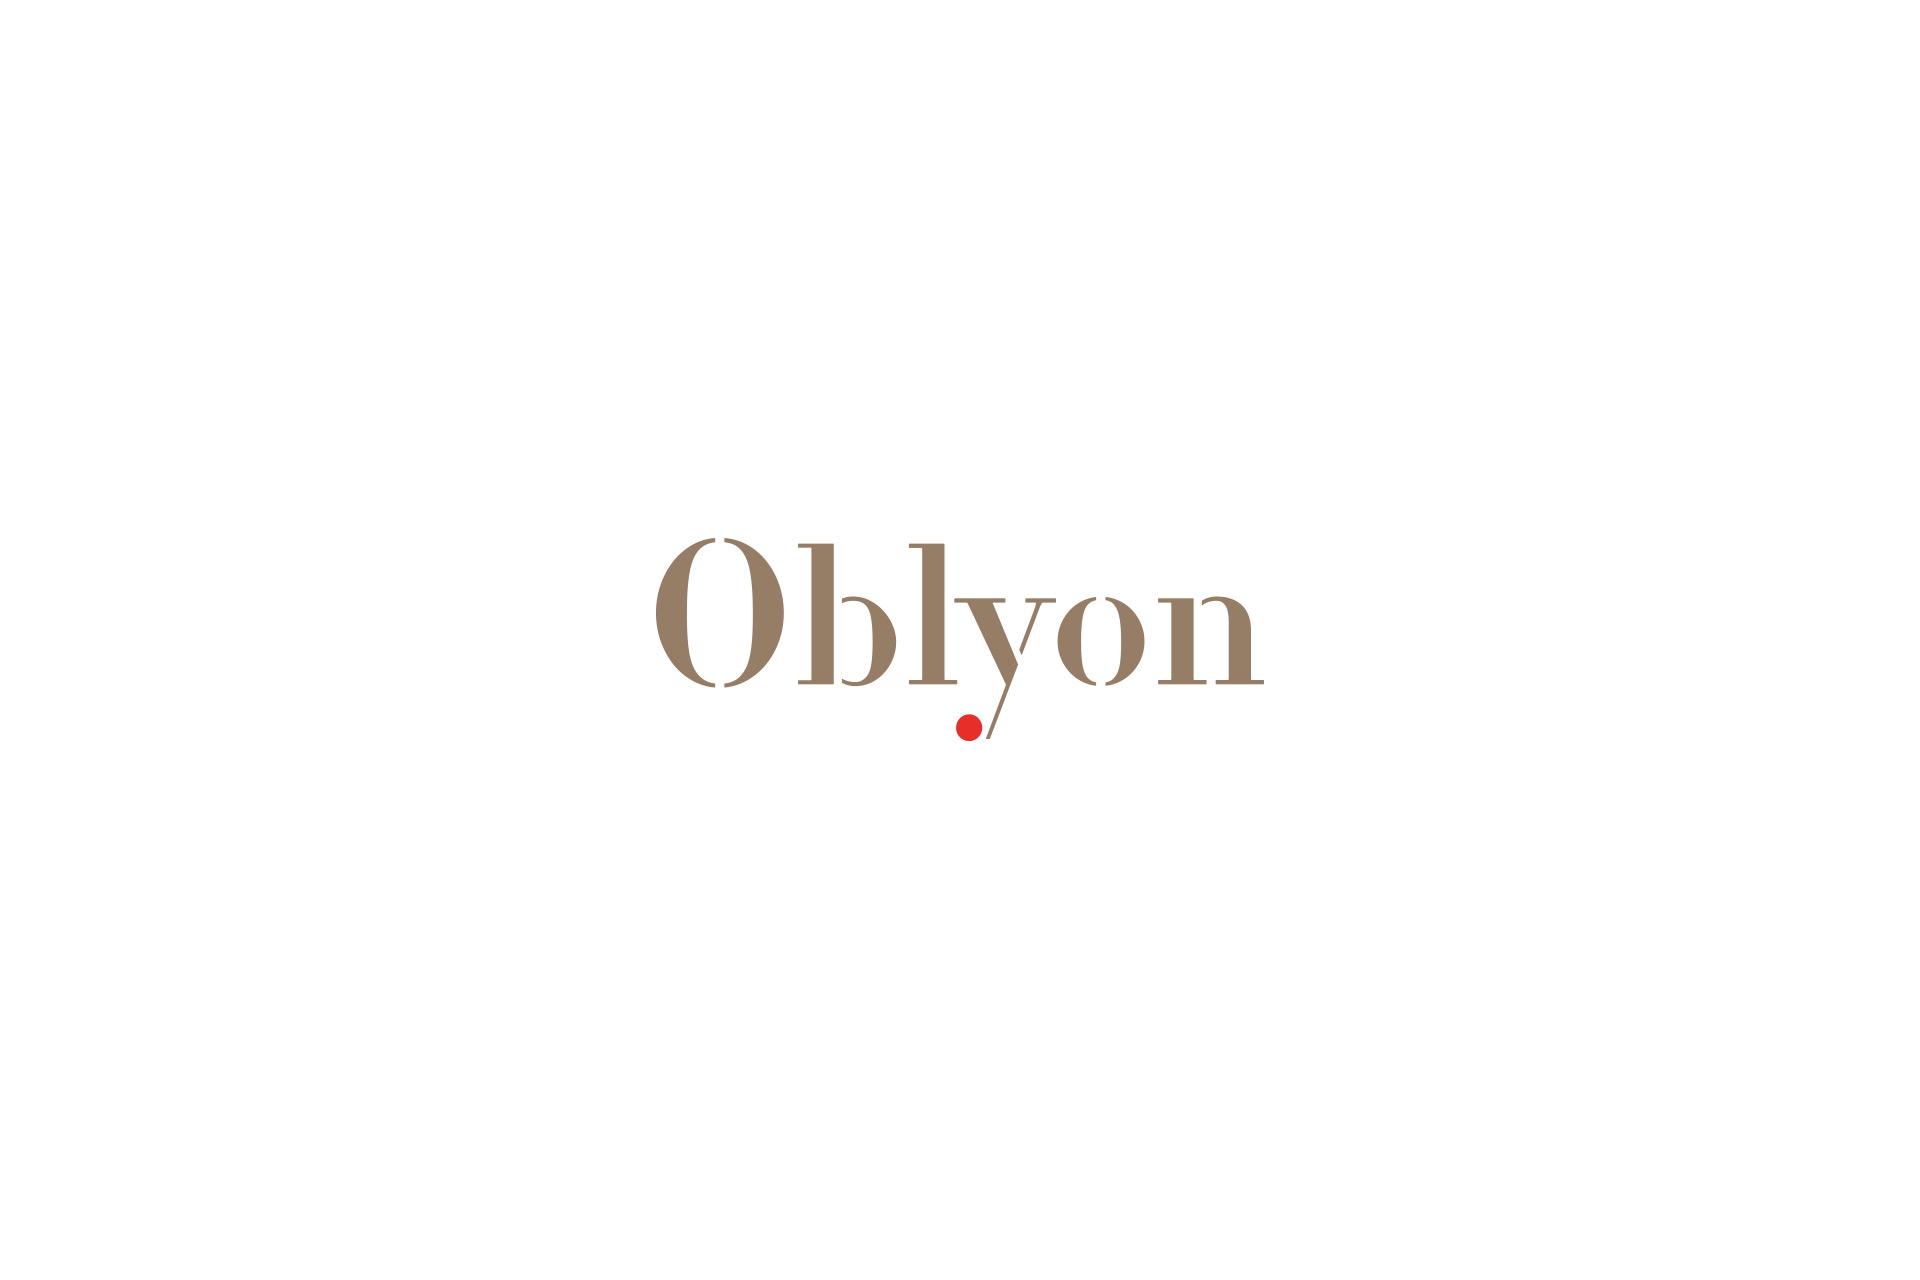 oblyon_00